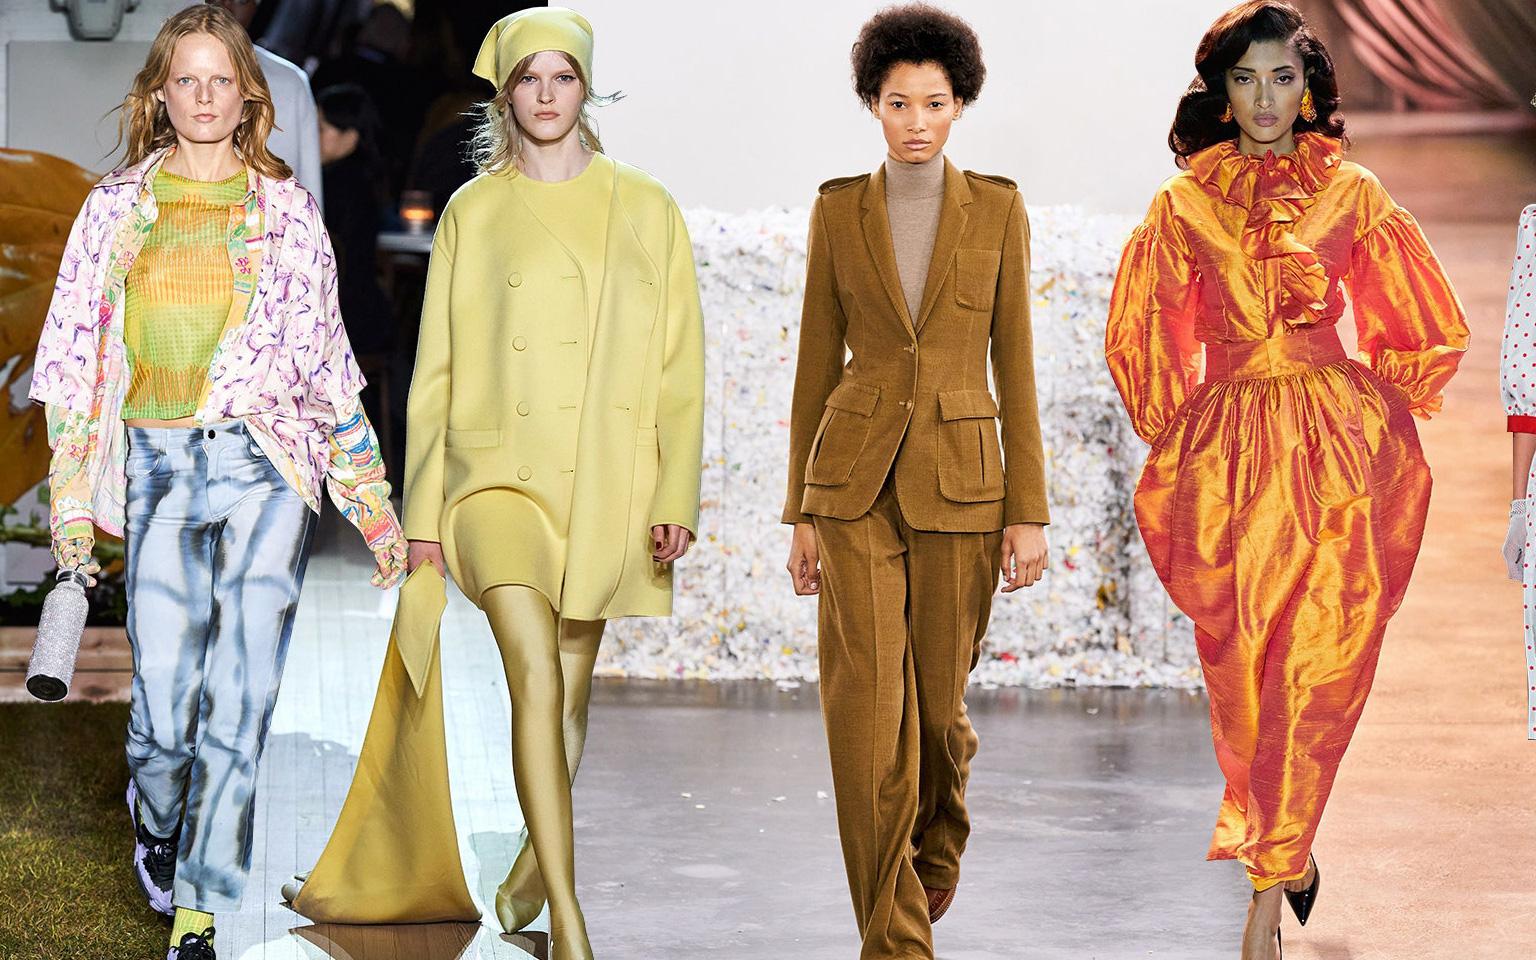 Dịch Covid-19 chưa hết, Tuần lễ thời trang New York vẫn sẽ diễn ra vào tháng 9